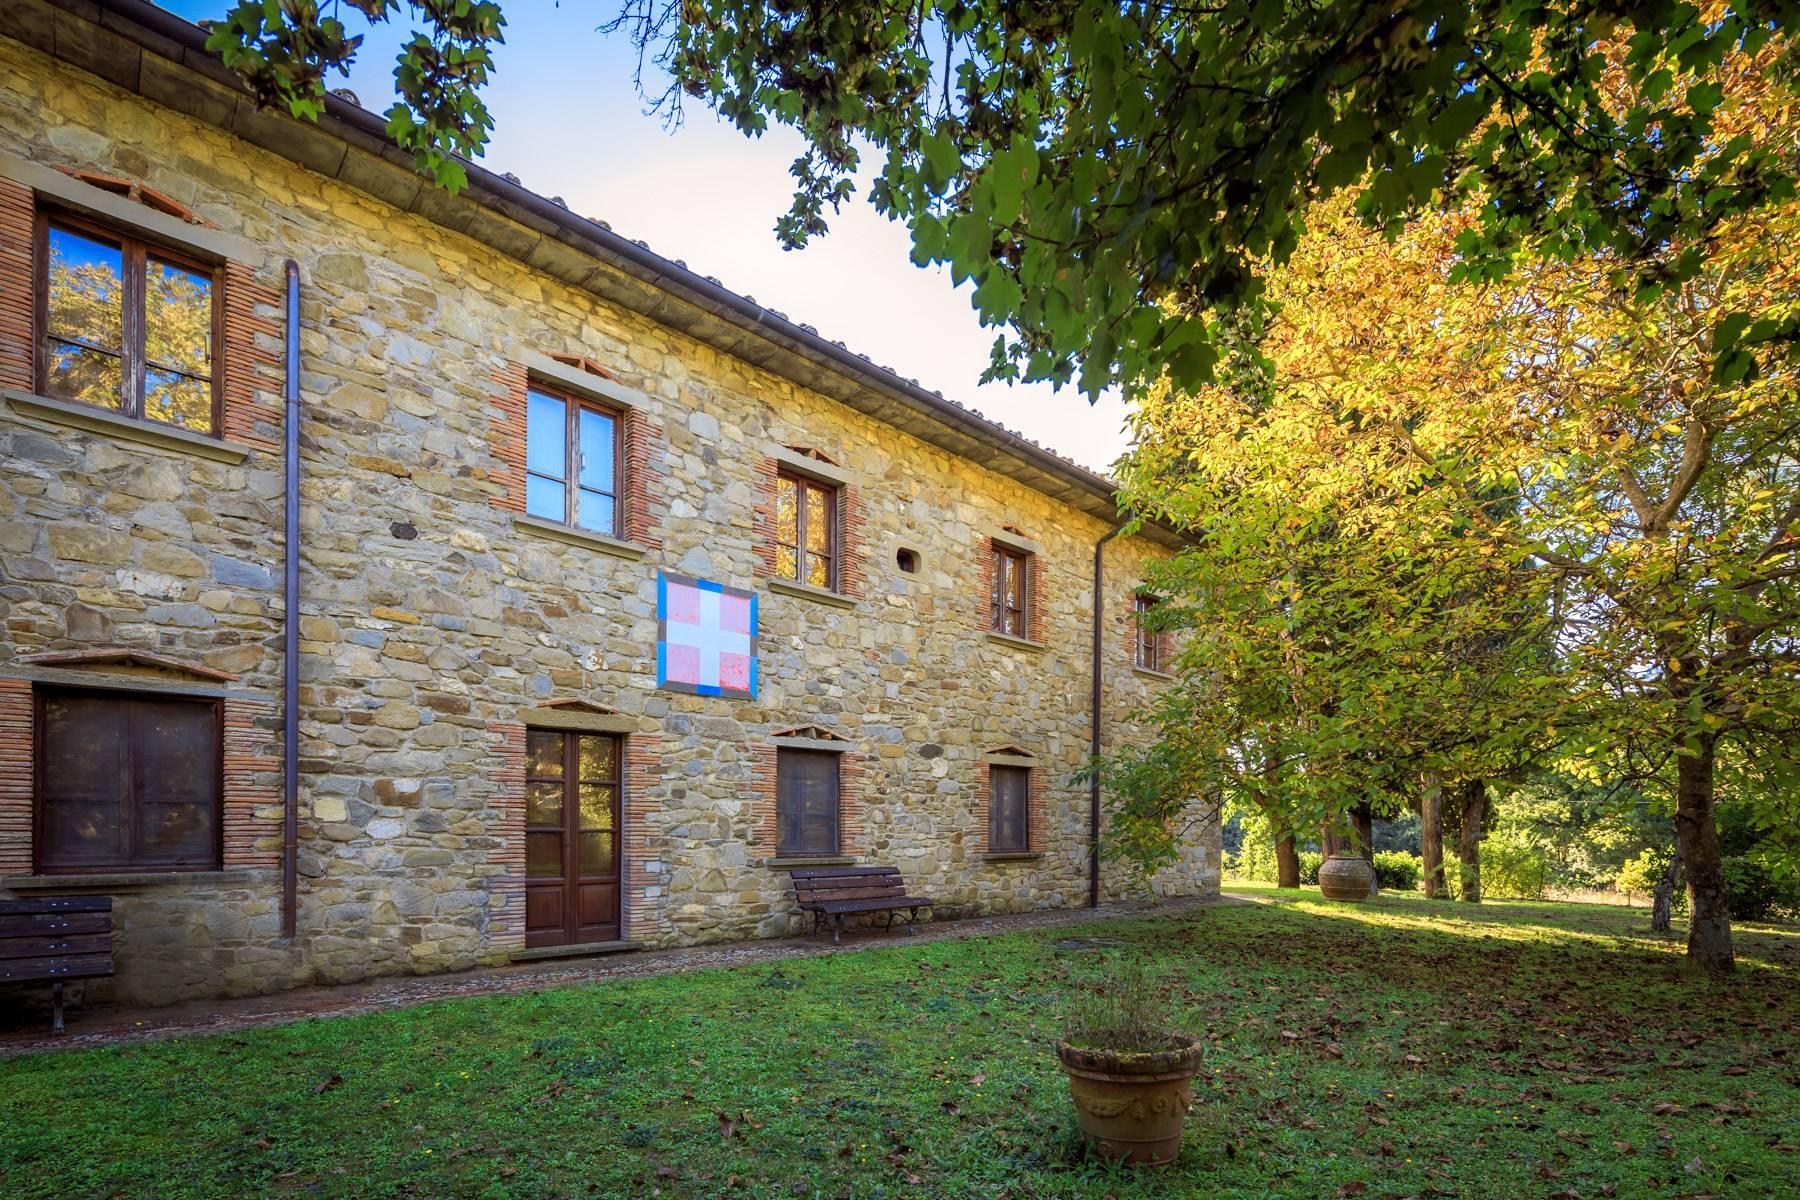 Villa historique dans la campagne toscane - 4